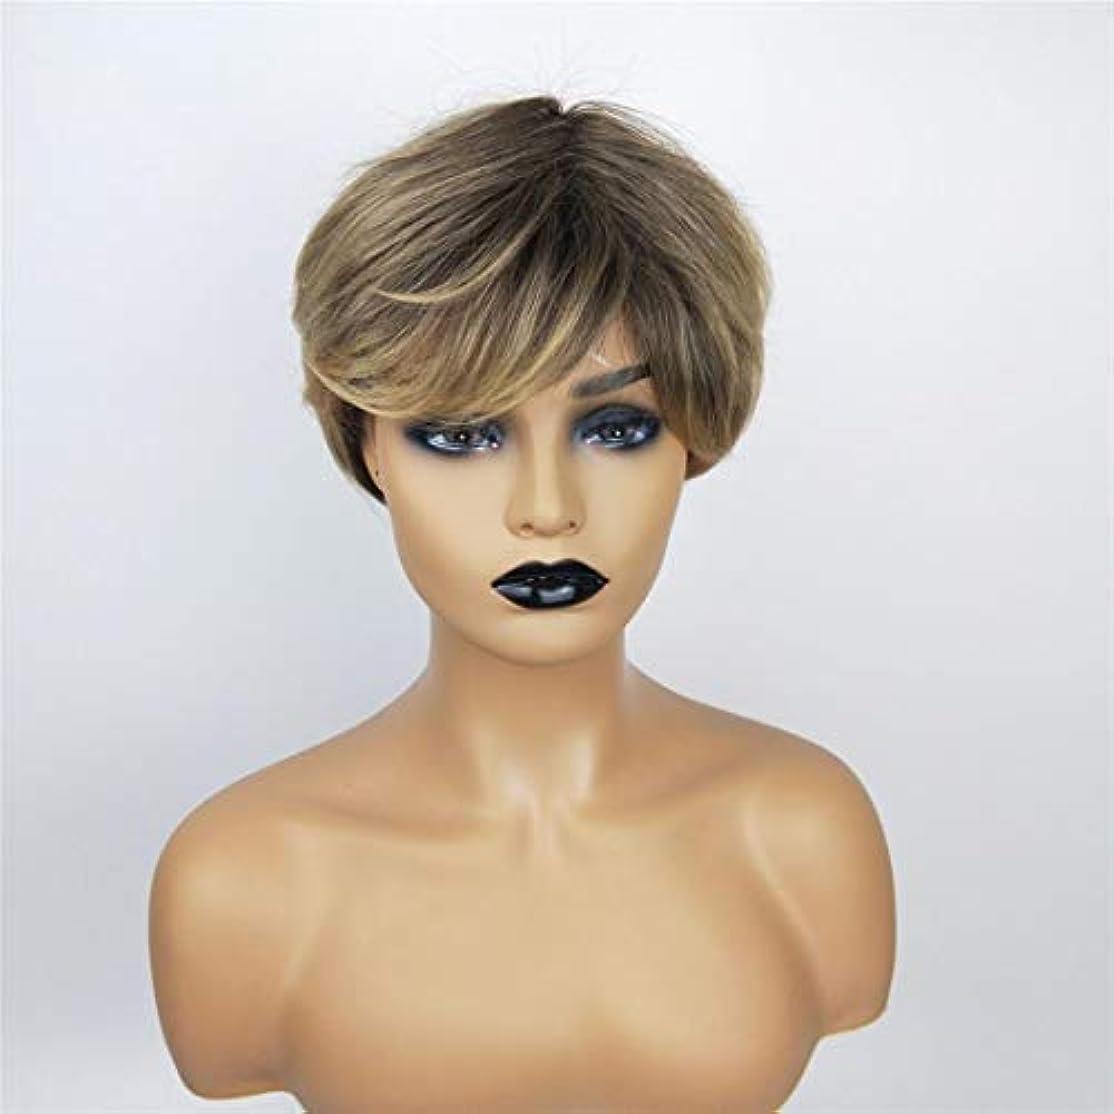 コテージ先行するアレンジKerwinner 女性のための茶色のかつら短い巻き毛のかつら合成完全女性のかつら